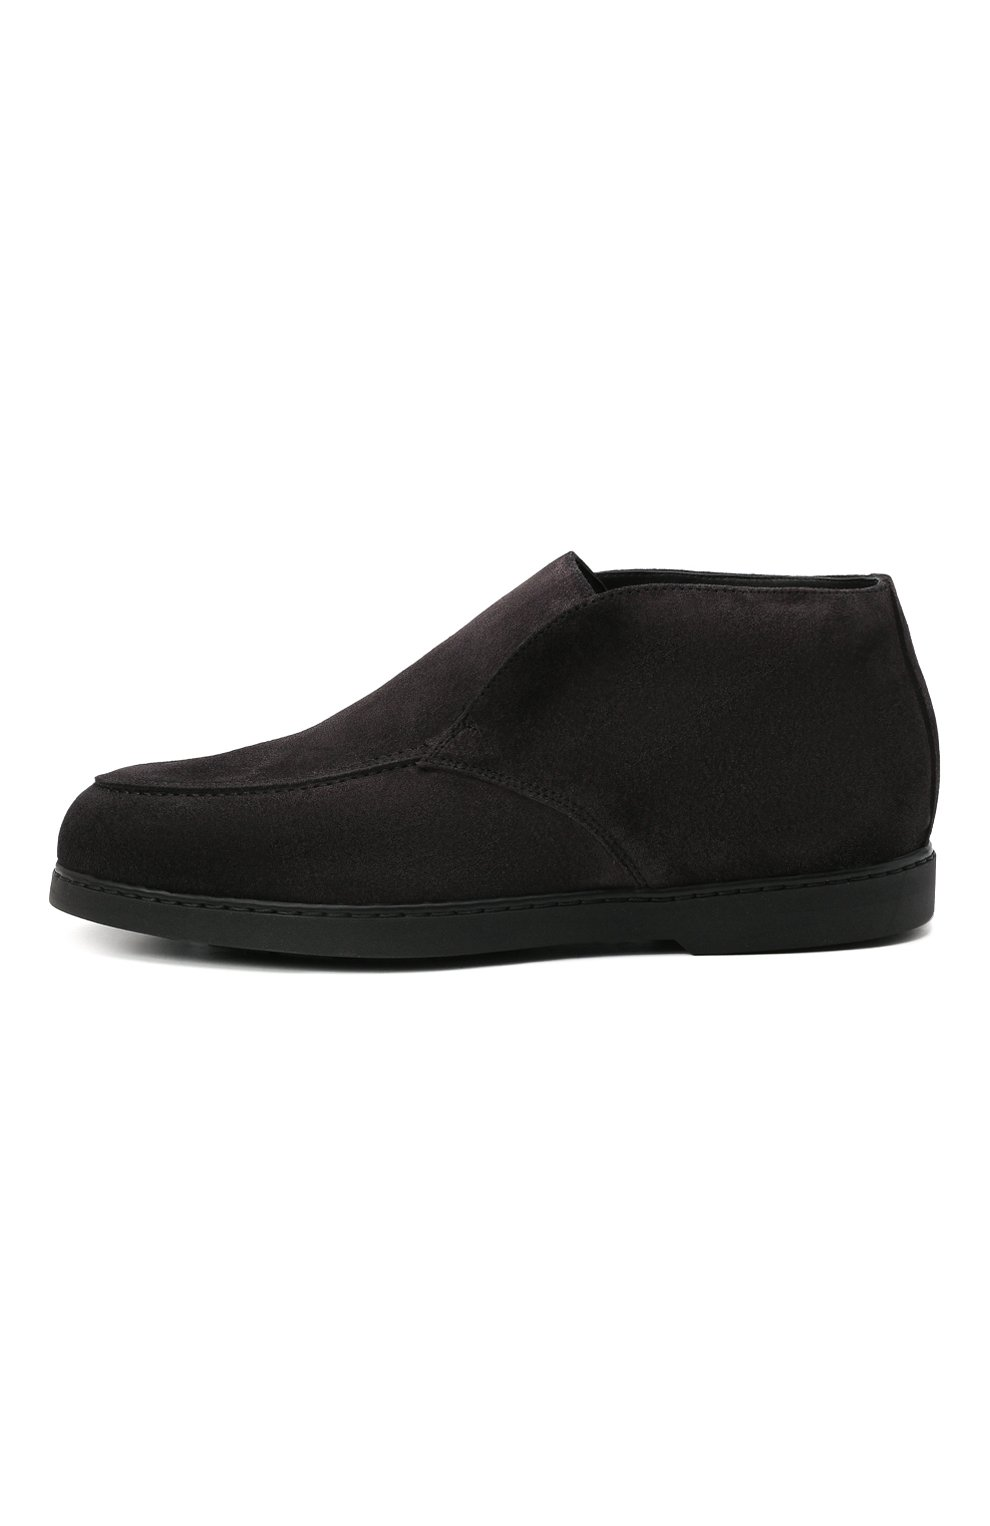 Мужские замшевые ботинки DOUCAL'S темно-серого цвета, арт. DU2654ED0-UM024NN05 | Фото 3 (Материал утеплителя: Натуральный мех; Мужское Кросс-КТ: Ботинки-обувь, зимние ботинки; Подошва: Плоская; Материал внешний: Замша)